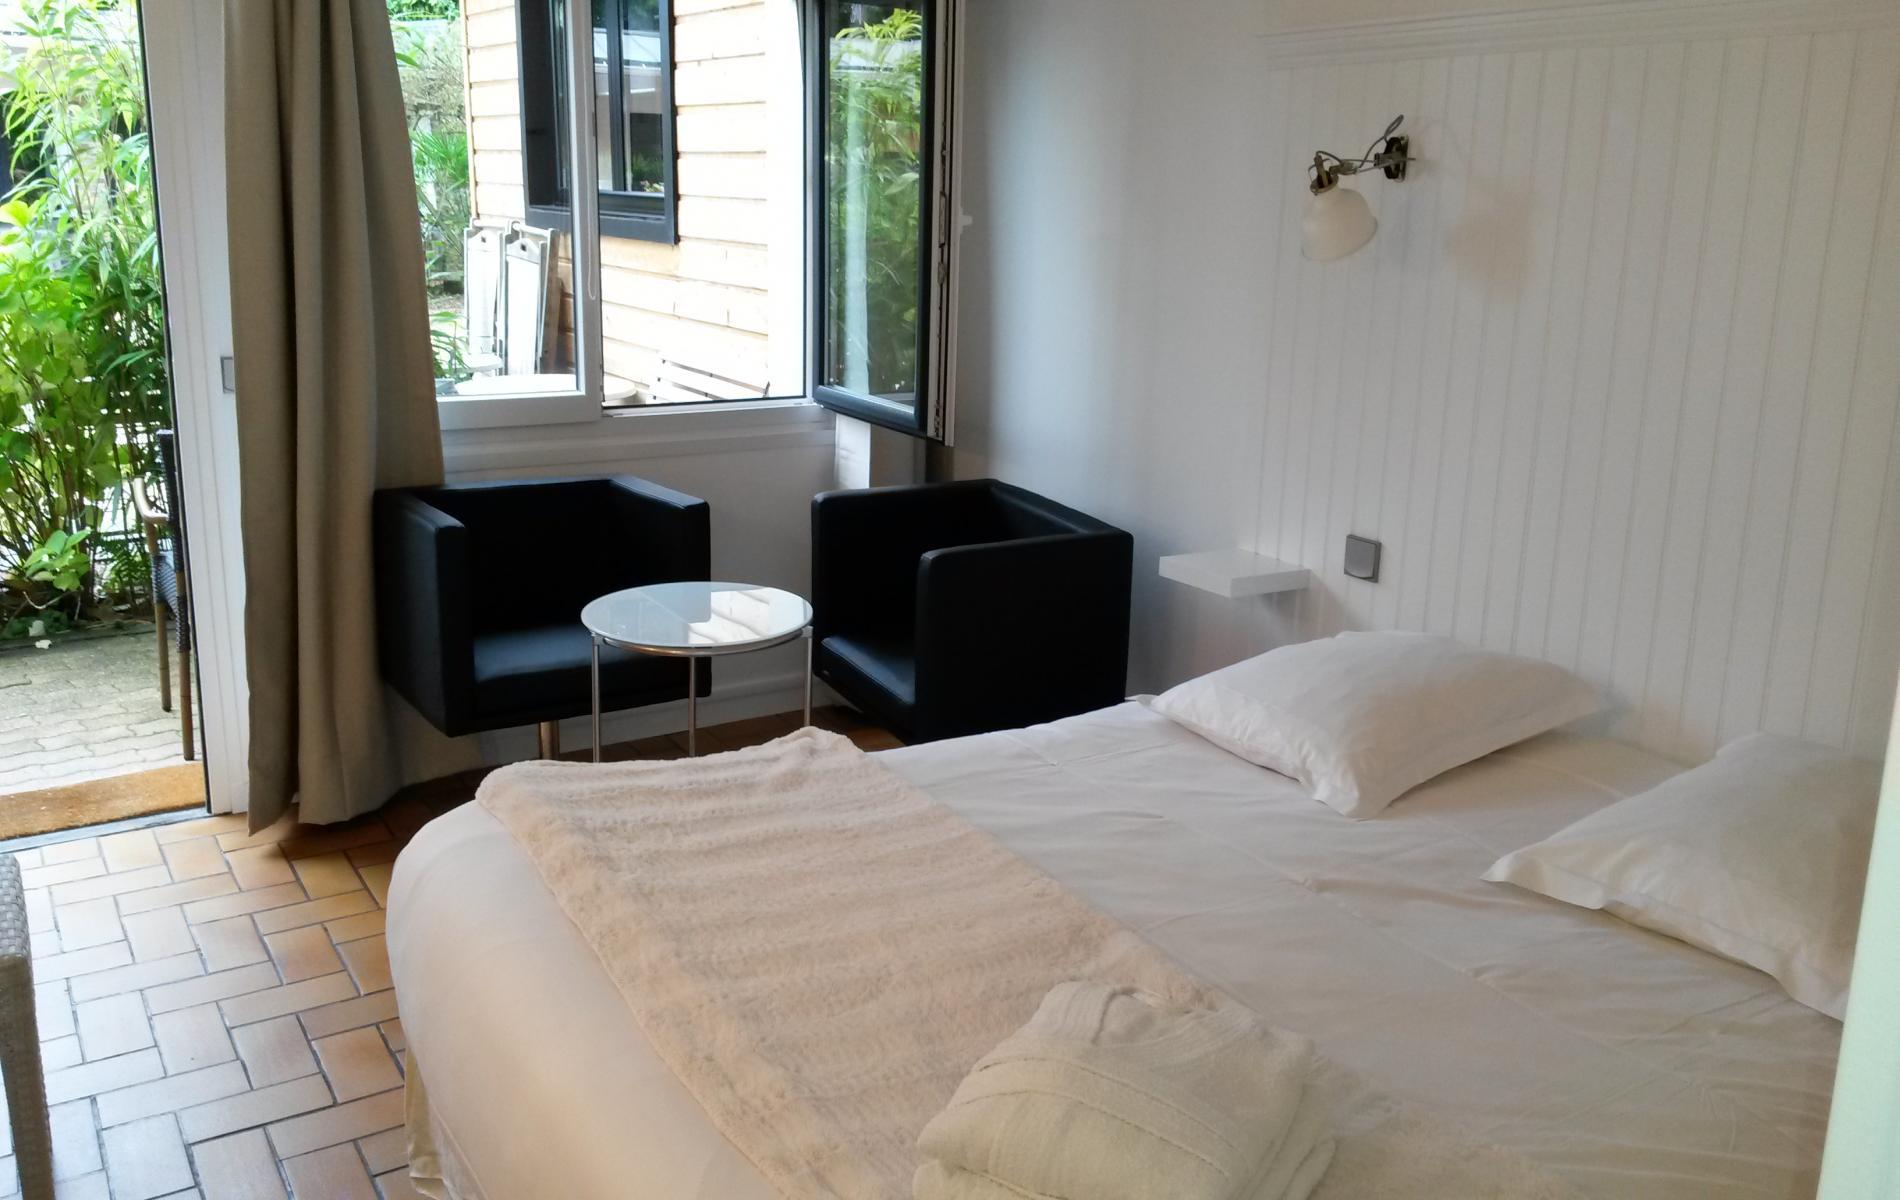 Hotel à Honfleur- les chambres